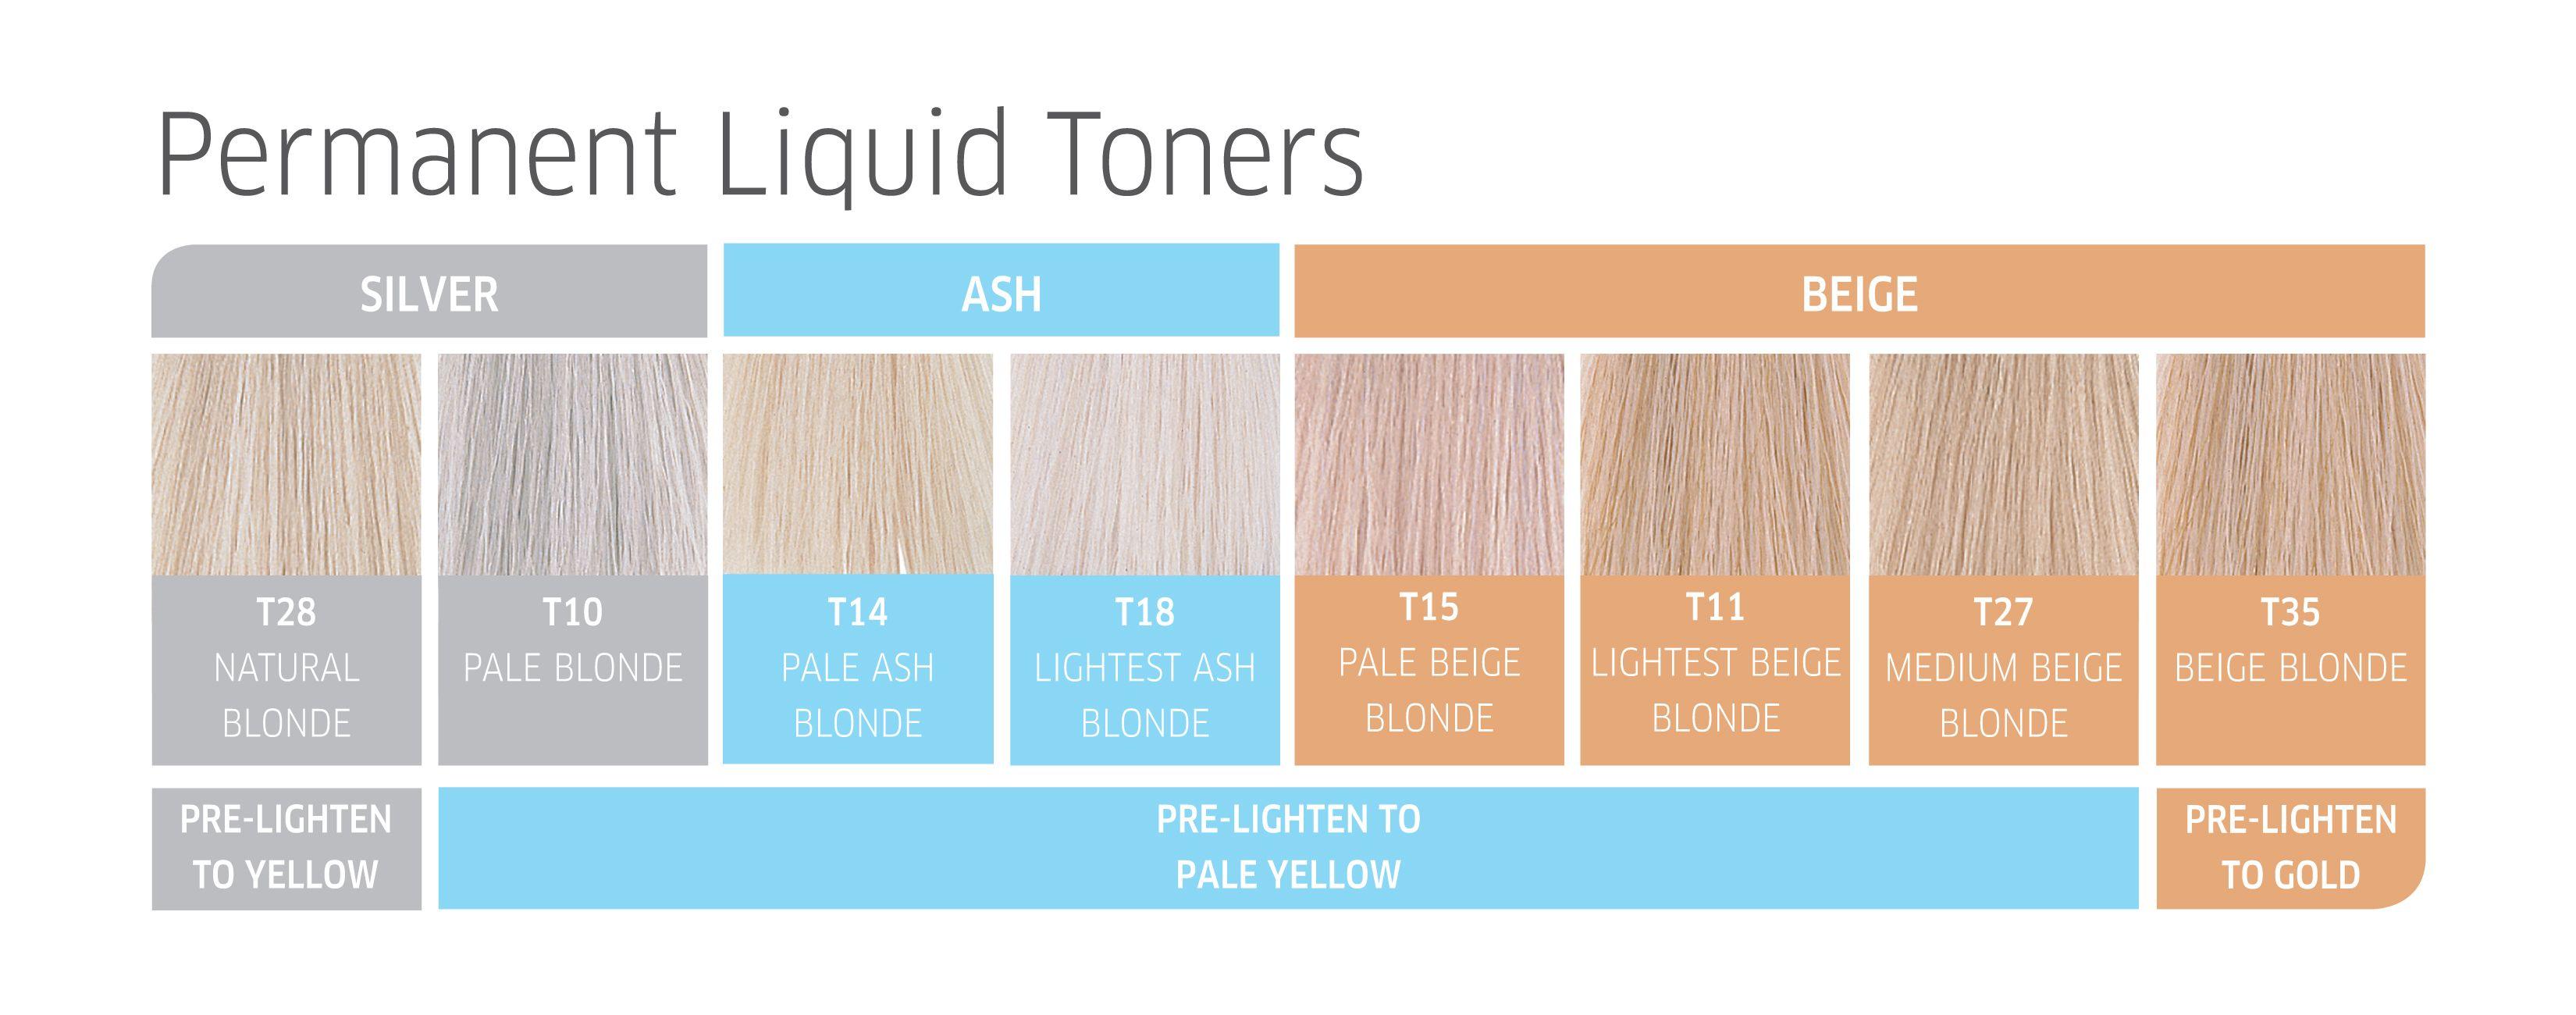 Wella Permanent Liquid Toners